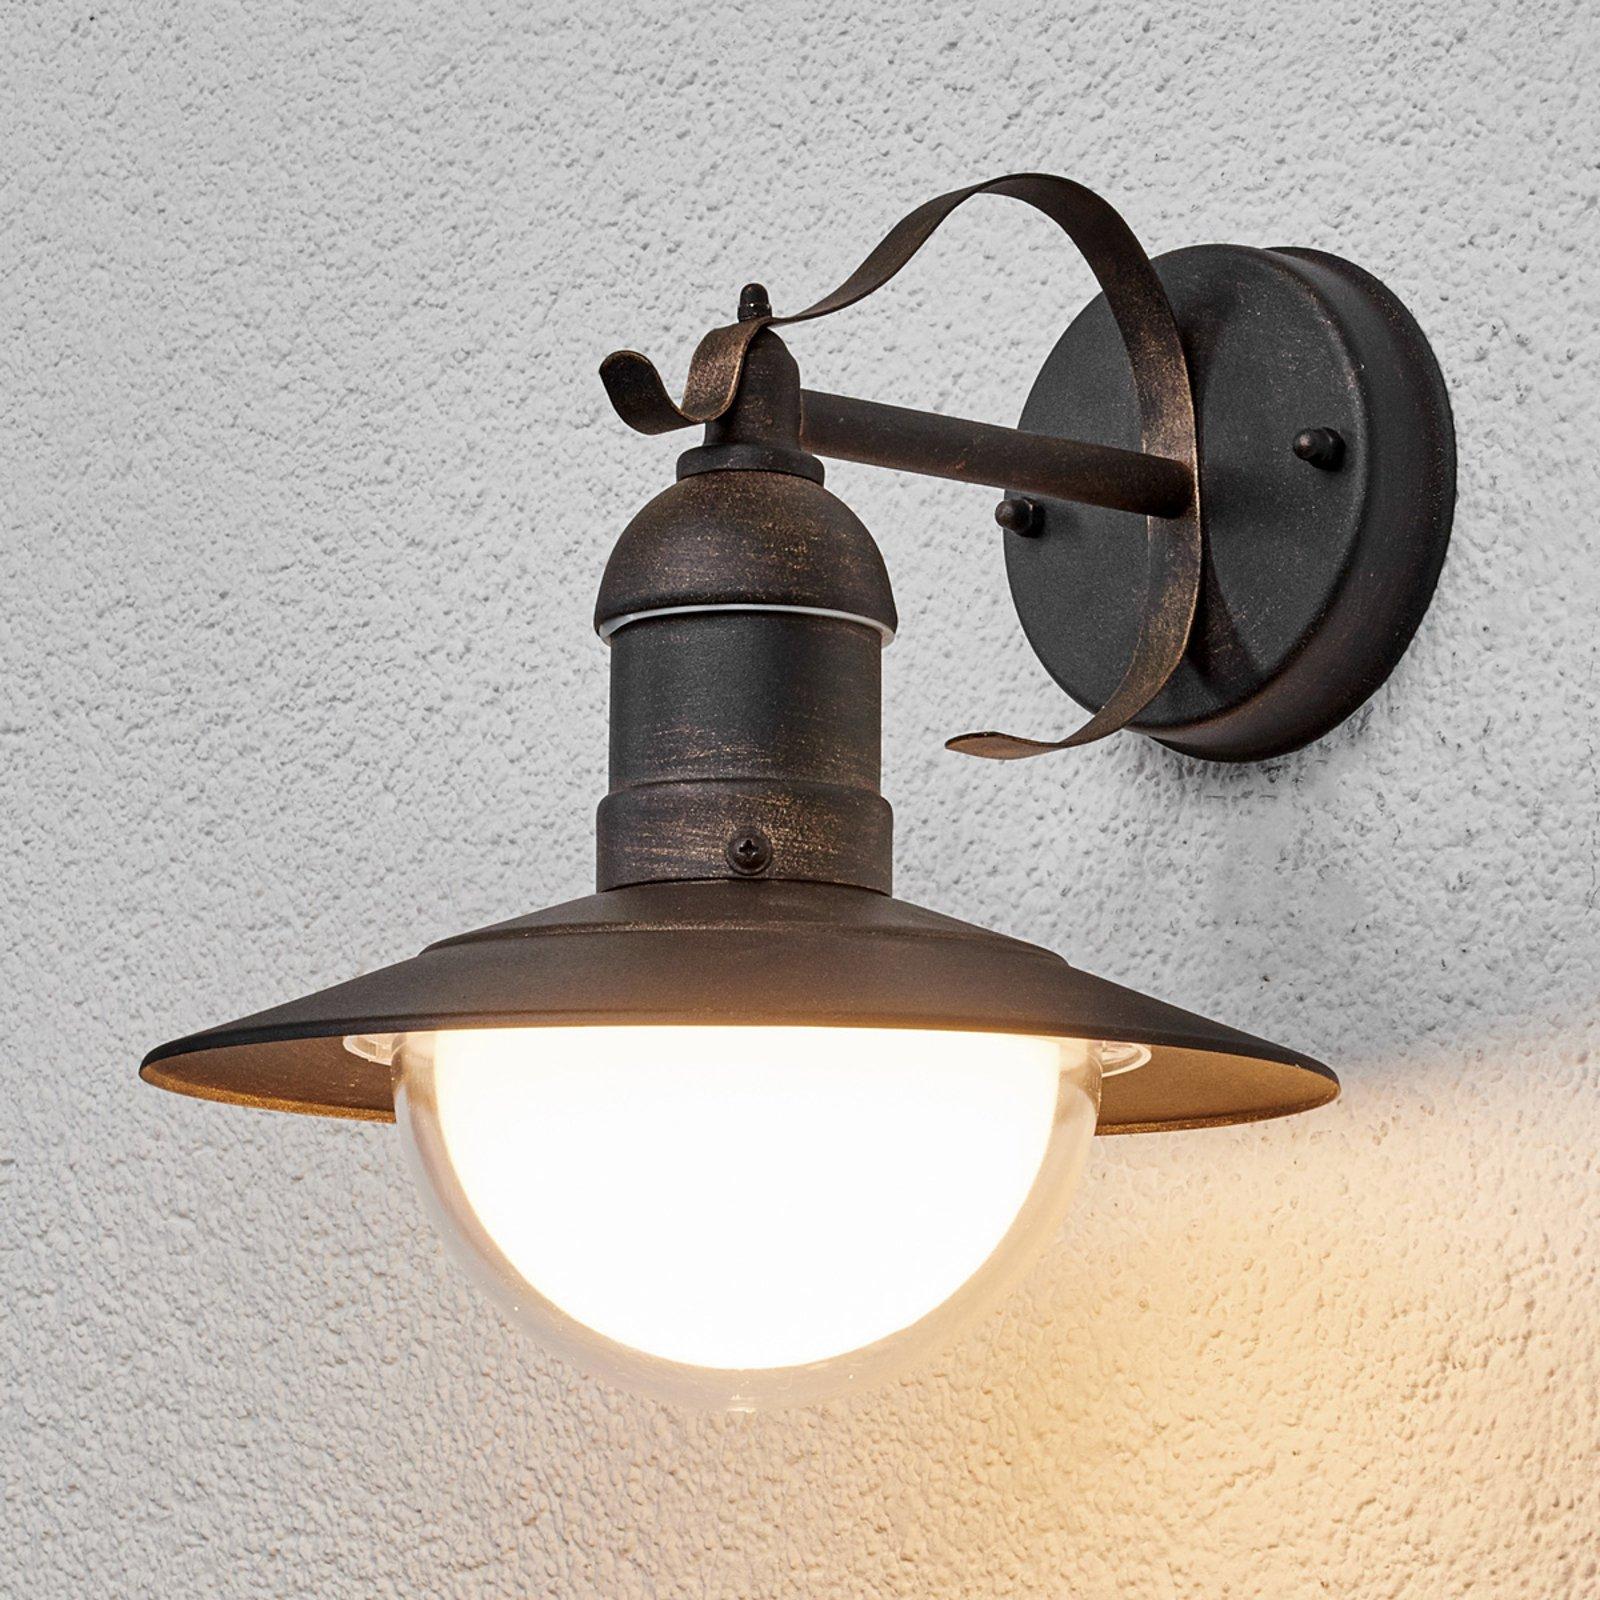 Vegghengt LED-utelampe Clea med antikt utseende